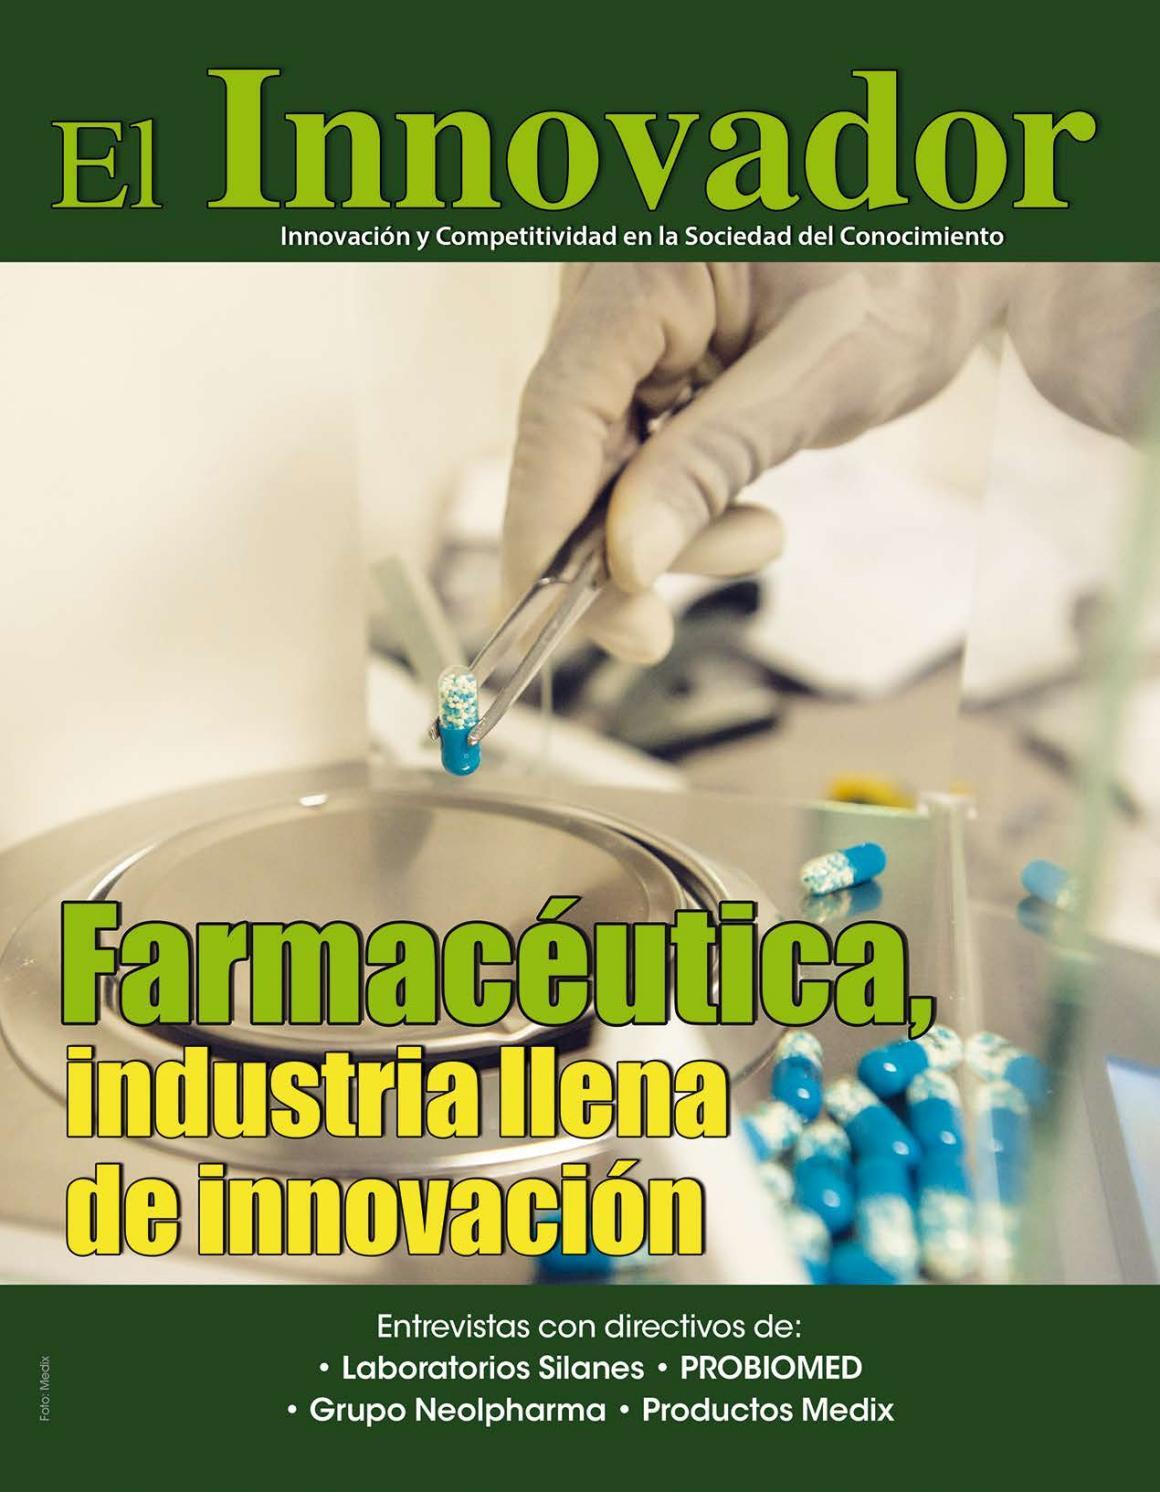 definición de diabetes del laboratorio de innovación